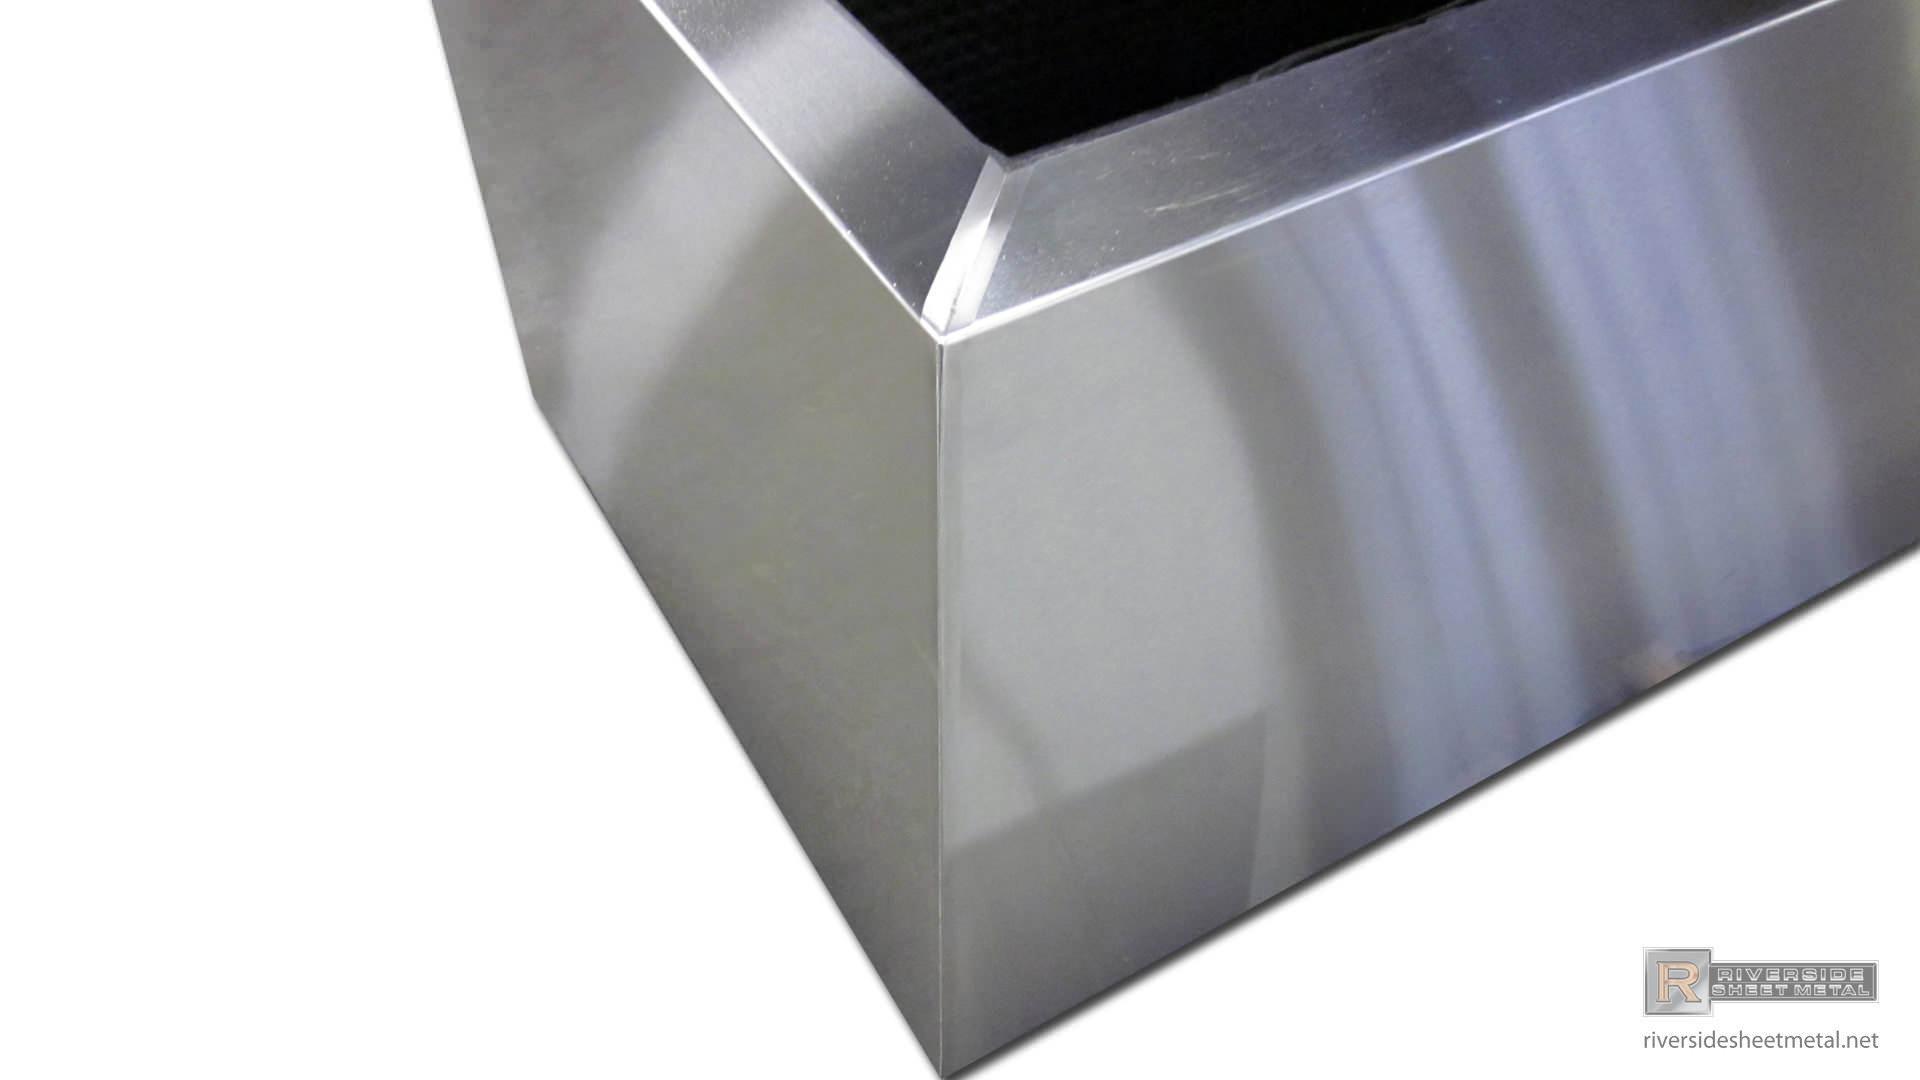 Rectangular Stainless Steel Planter 4 Custom Made To Order